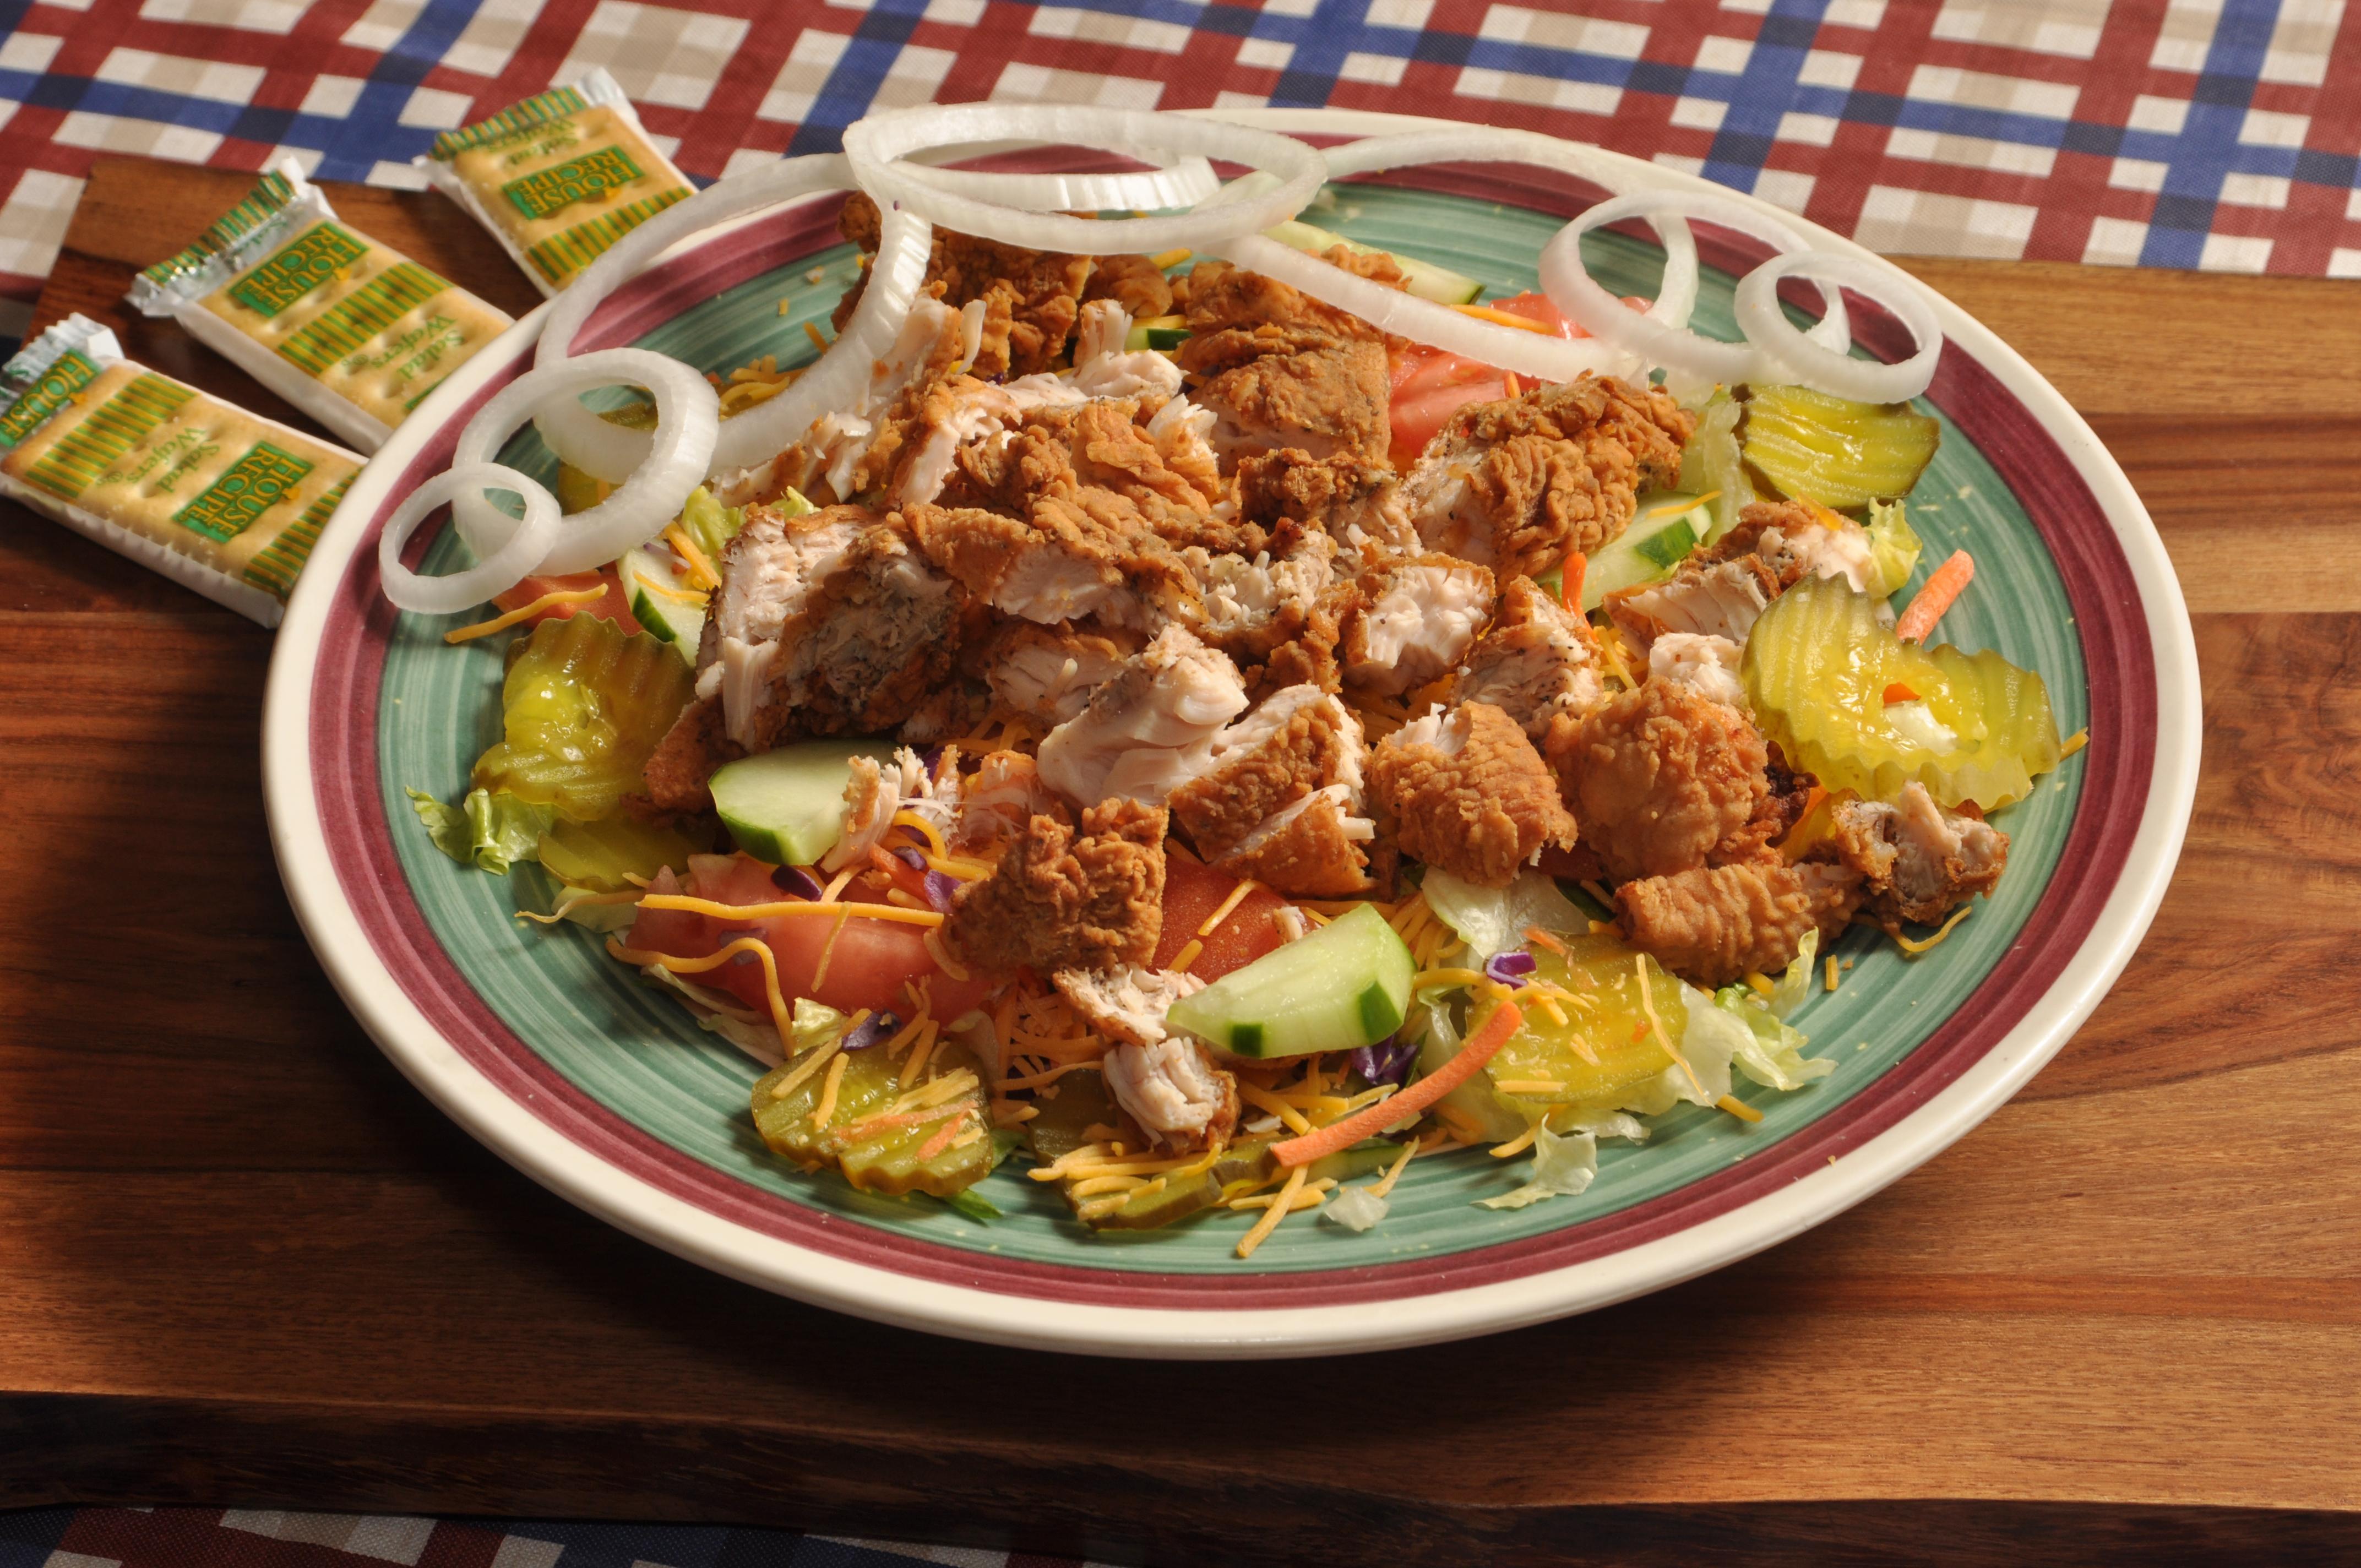 Calabash Chicken Salad